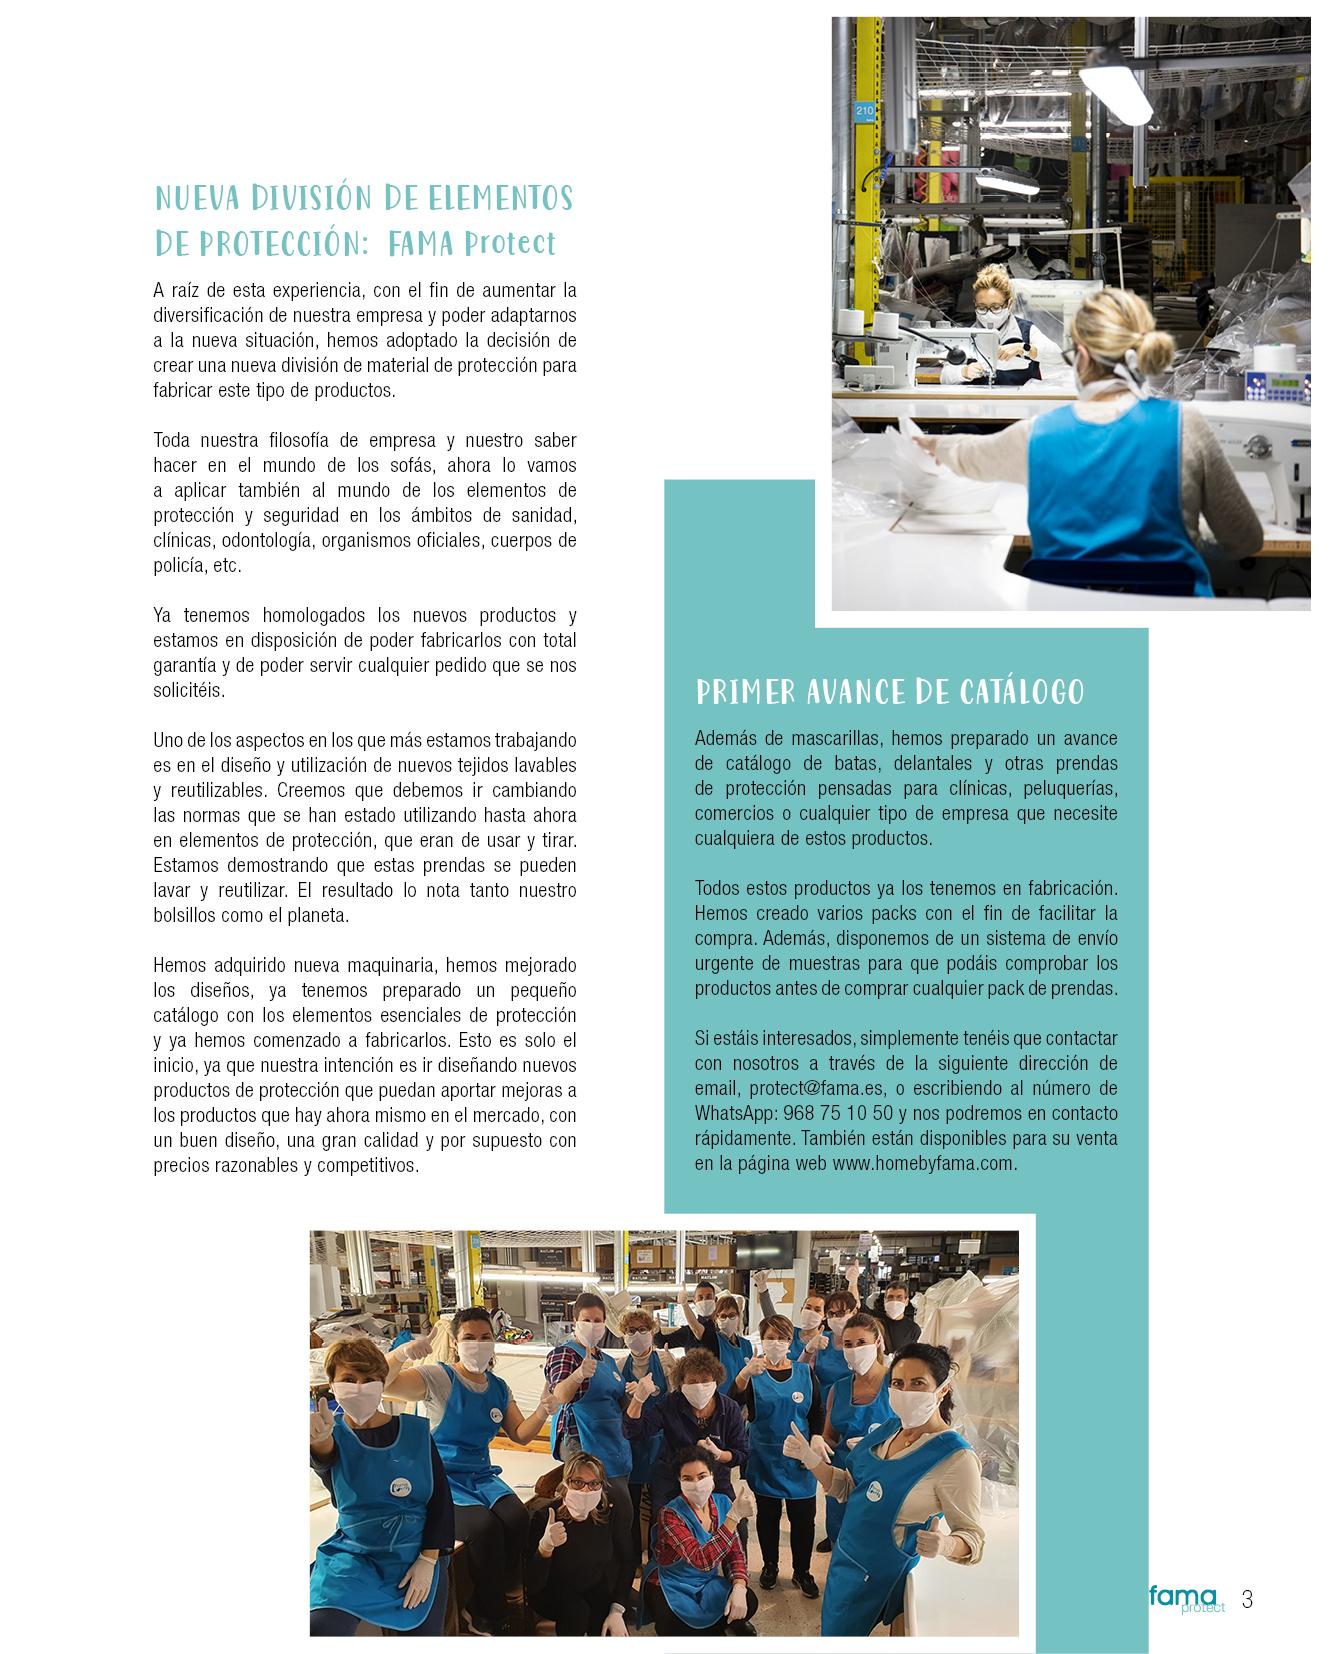 Catálogo Fama Protect 03